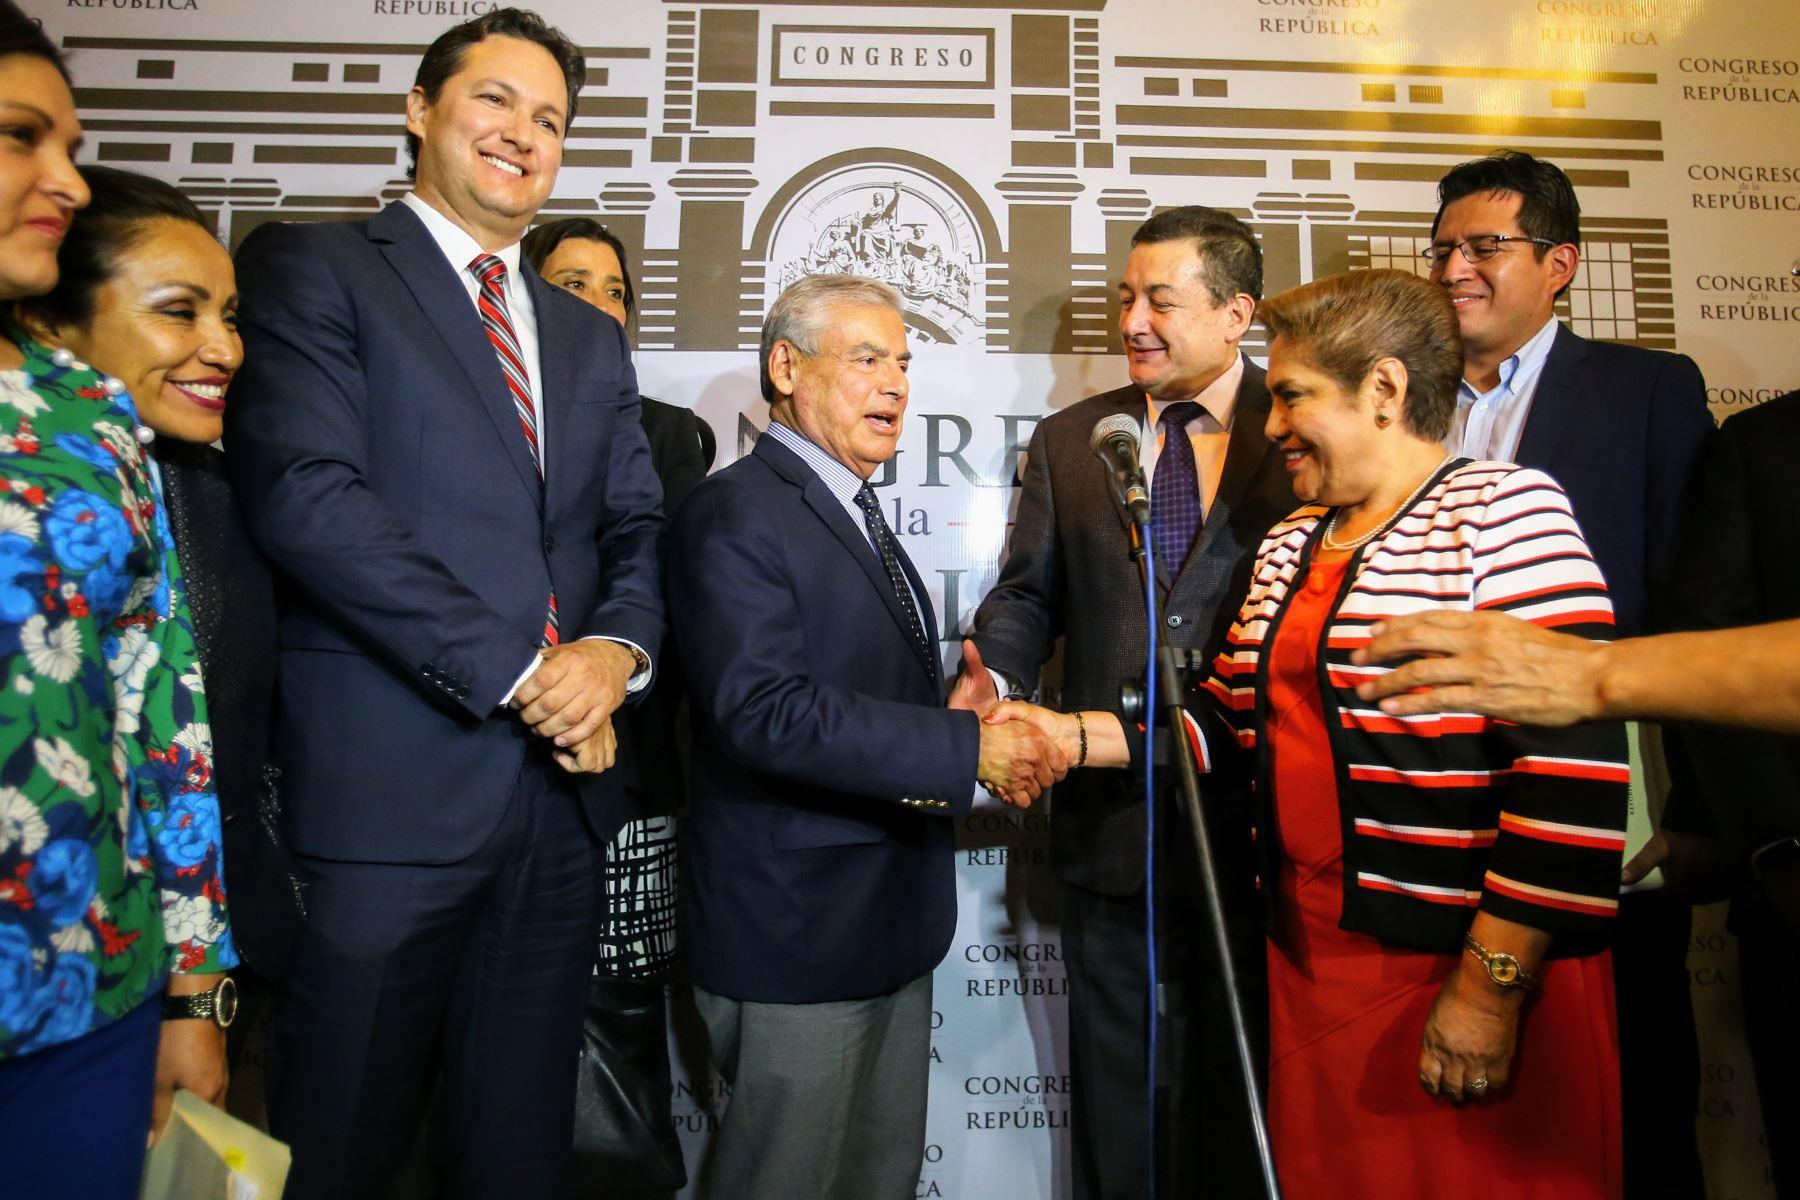 Al final de la rueda de prensa posaron para la fotografía de estilo con cordiales saludos. Foto: ANDINA/Luis Iparraguirre